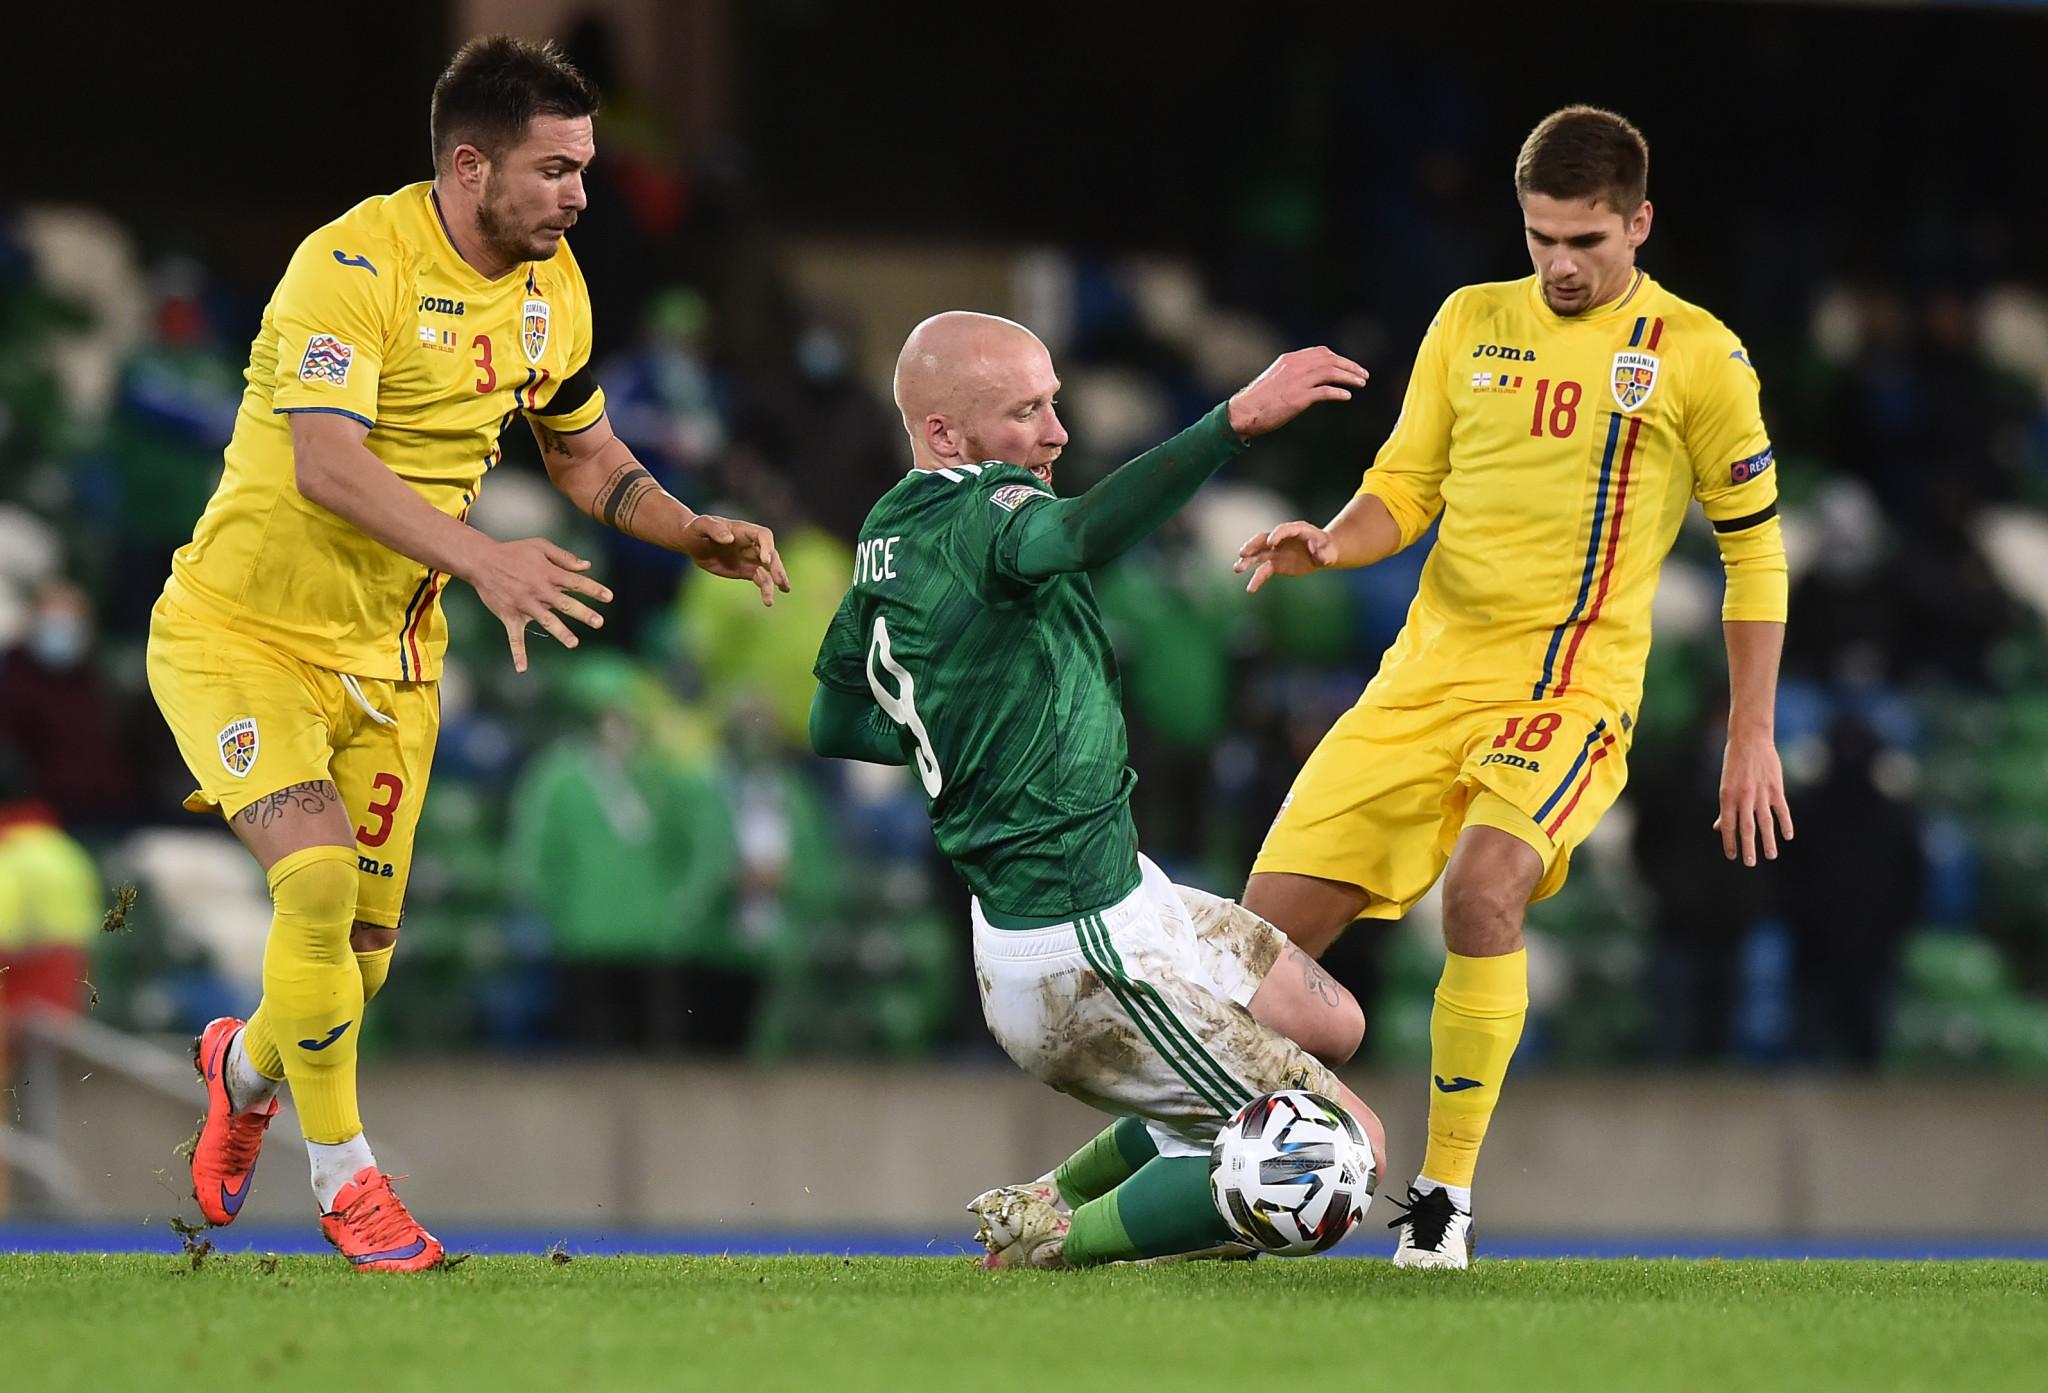 Roswan Burlianu promisese că va fi în primele 10 echipe din lume în termen de opt ani de când a fost selectat în 2014, dar până acum nu au reușit să se califice pentru un campionat major © Getty Images